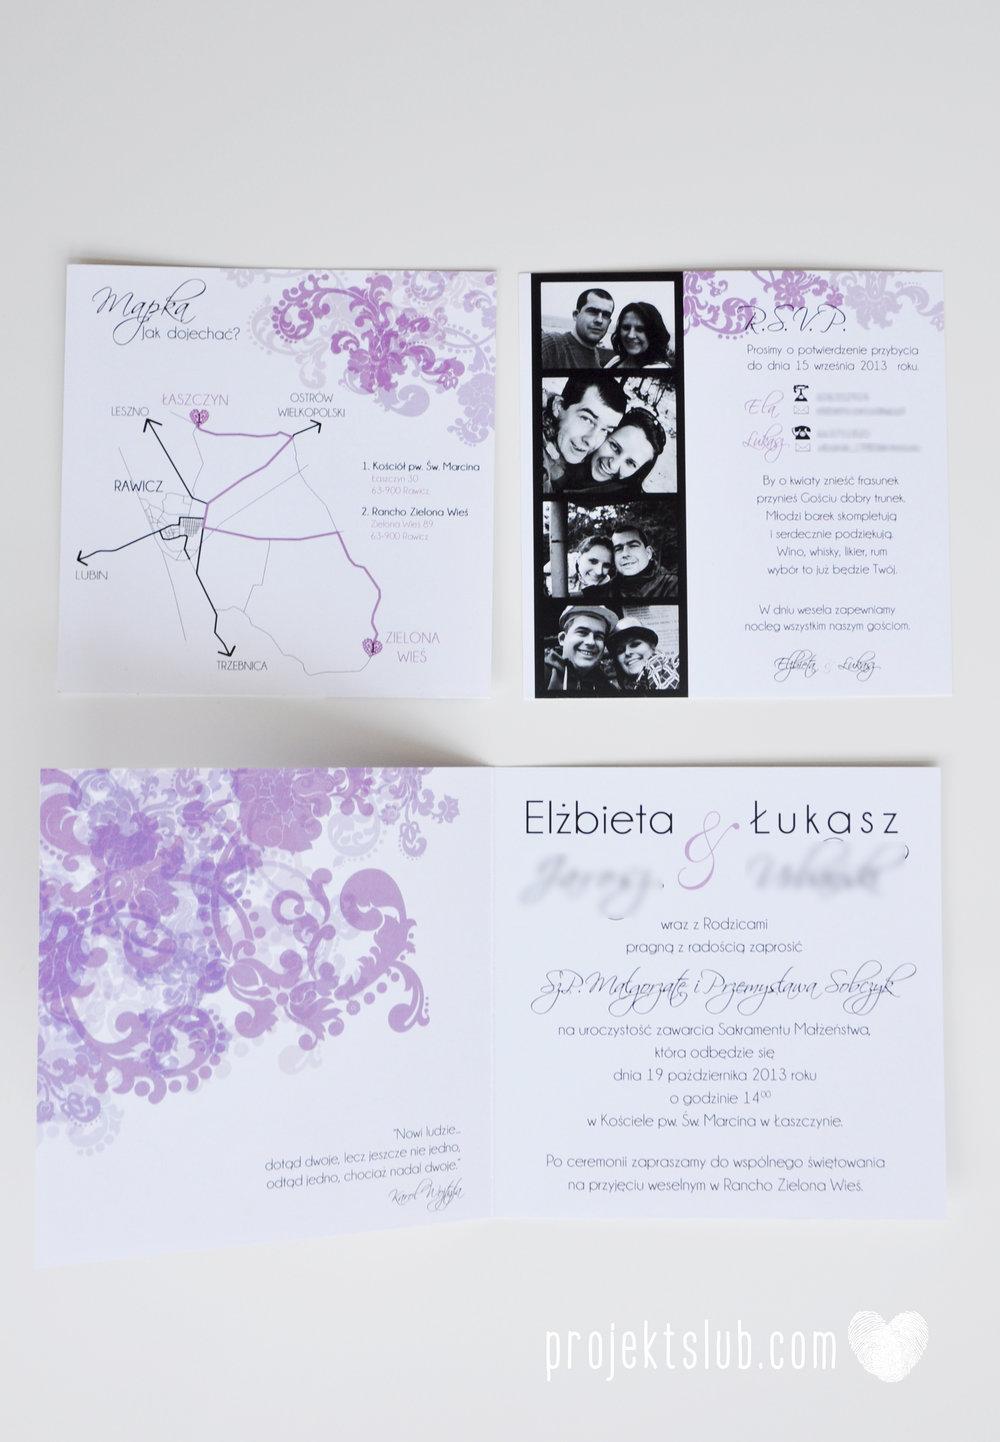 zaproszenia ślubne fioletowa elegancja pastele delikatne graficzne motywy klasyczny format projekt ślub (4).jpg